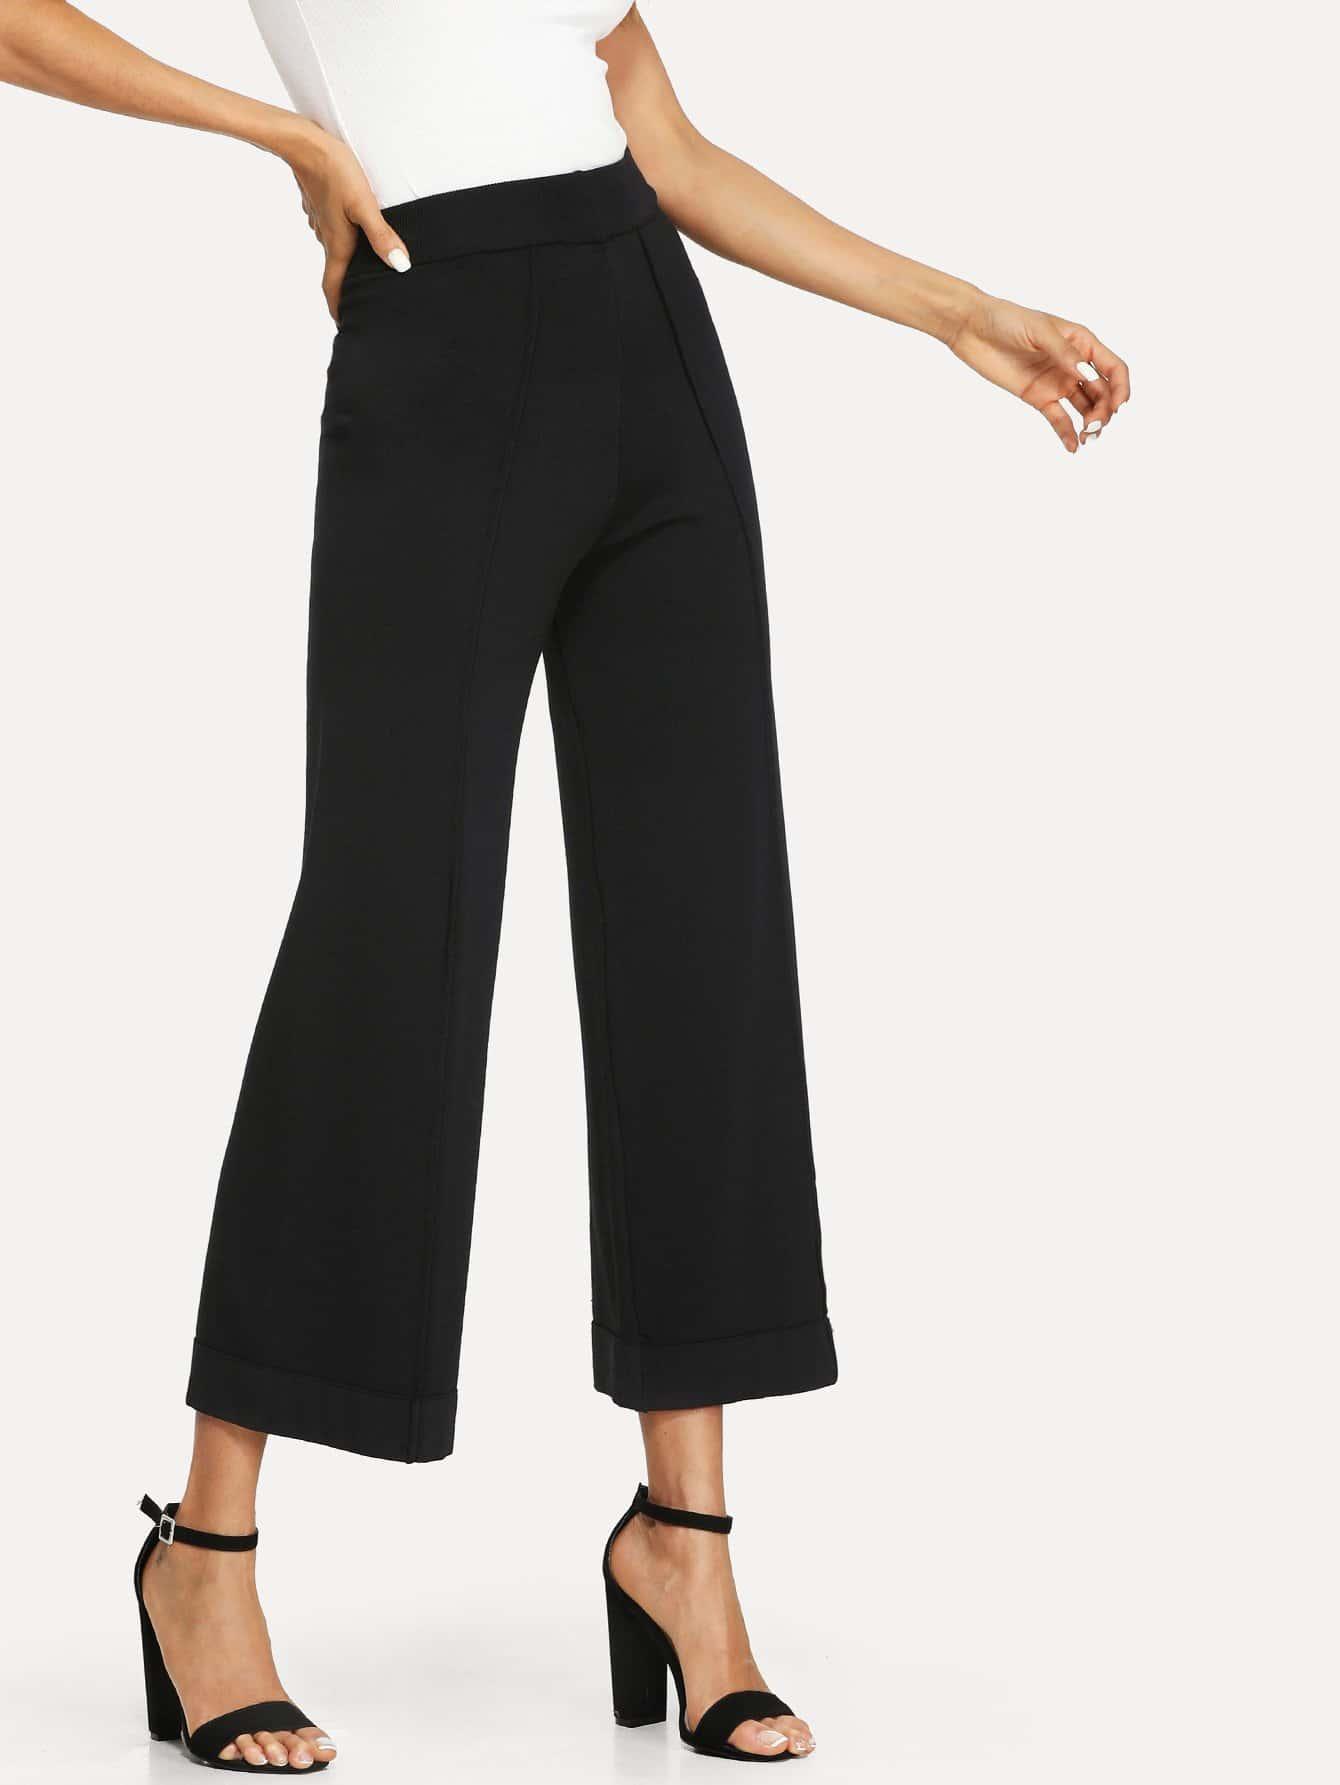 Wide Leg Pants alfred dunner women s wide leg pants 18w multi